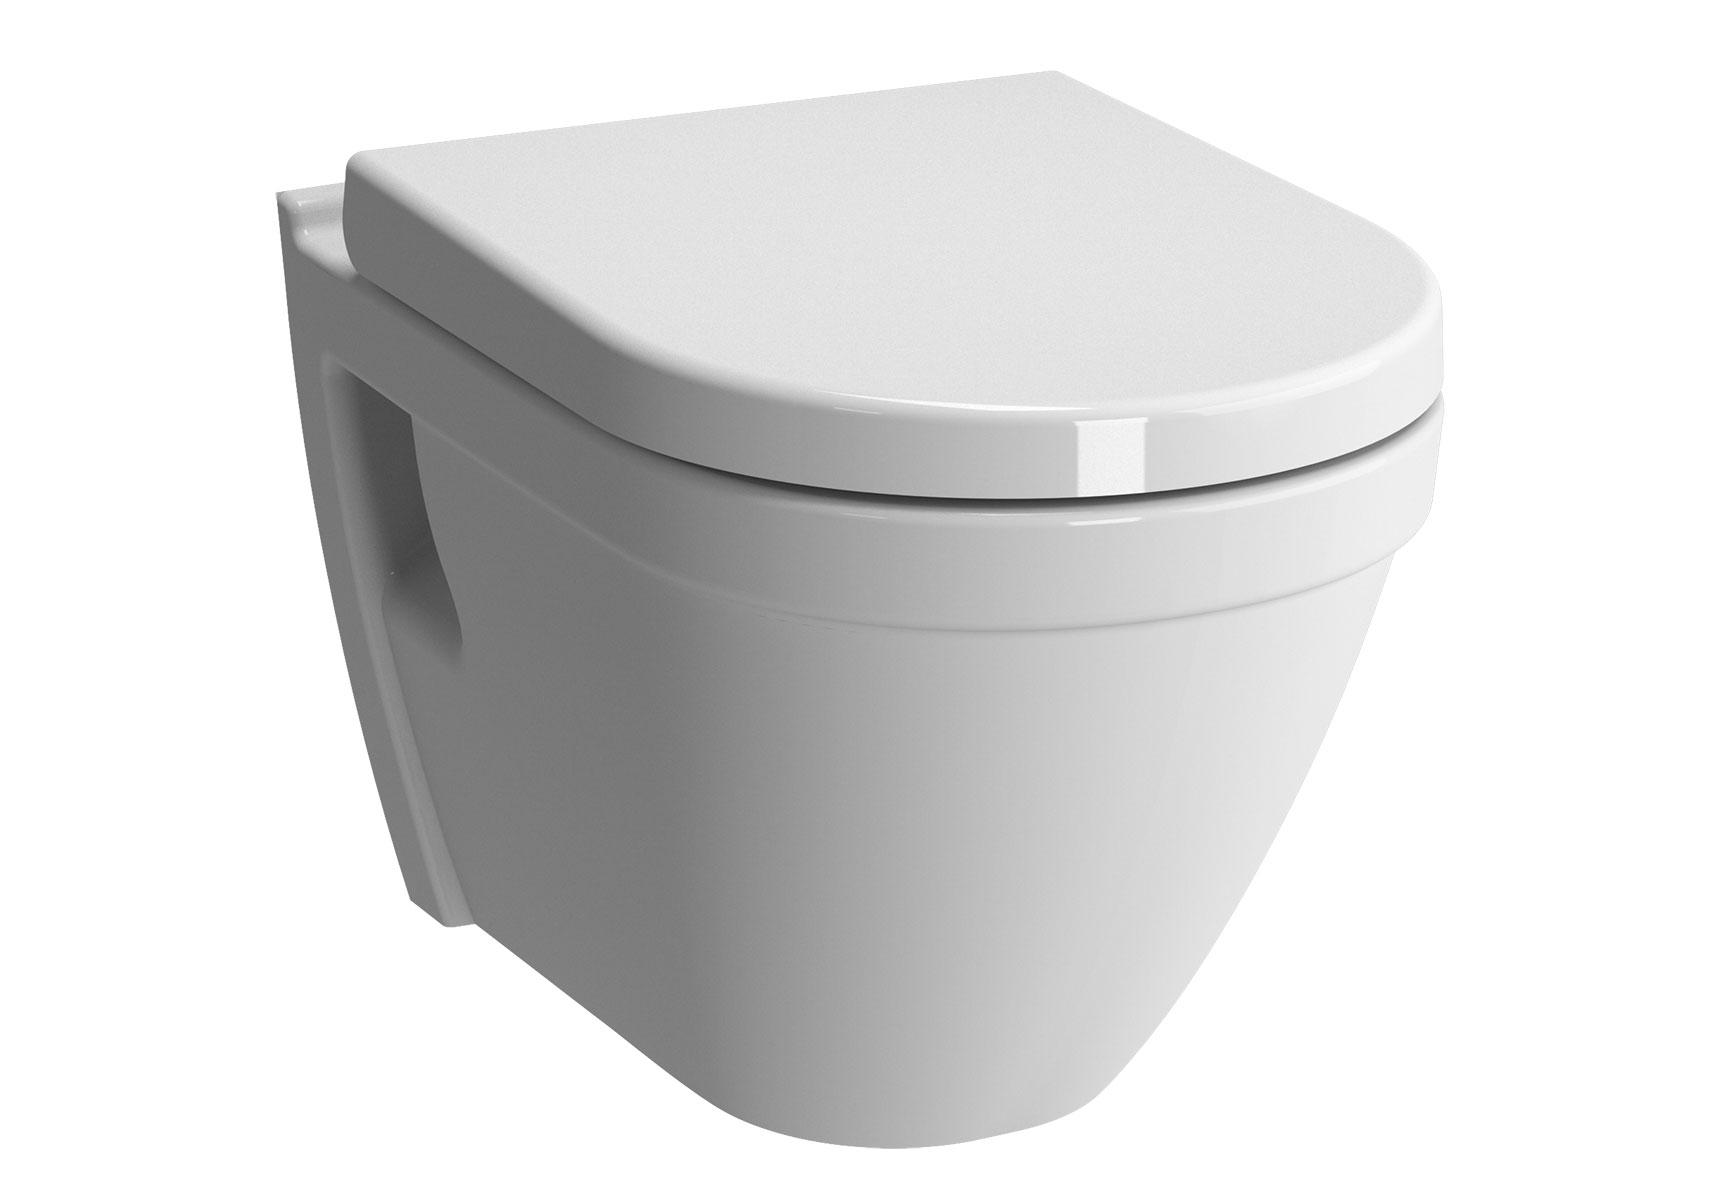 Beste Hangende toiletpotten - Wc met bidet - Wcmetbidet.nl - Toilet met VP-39